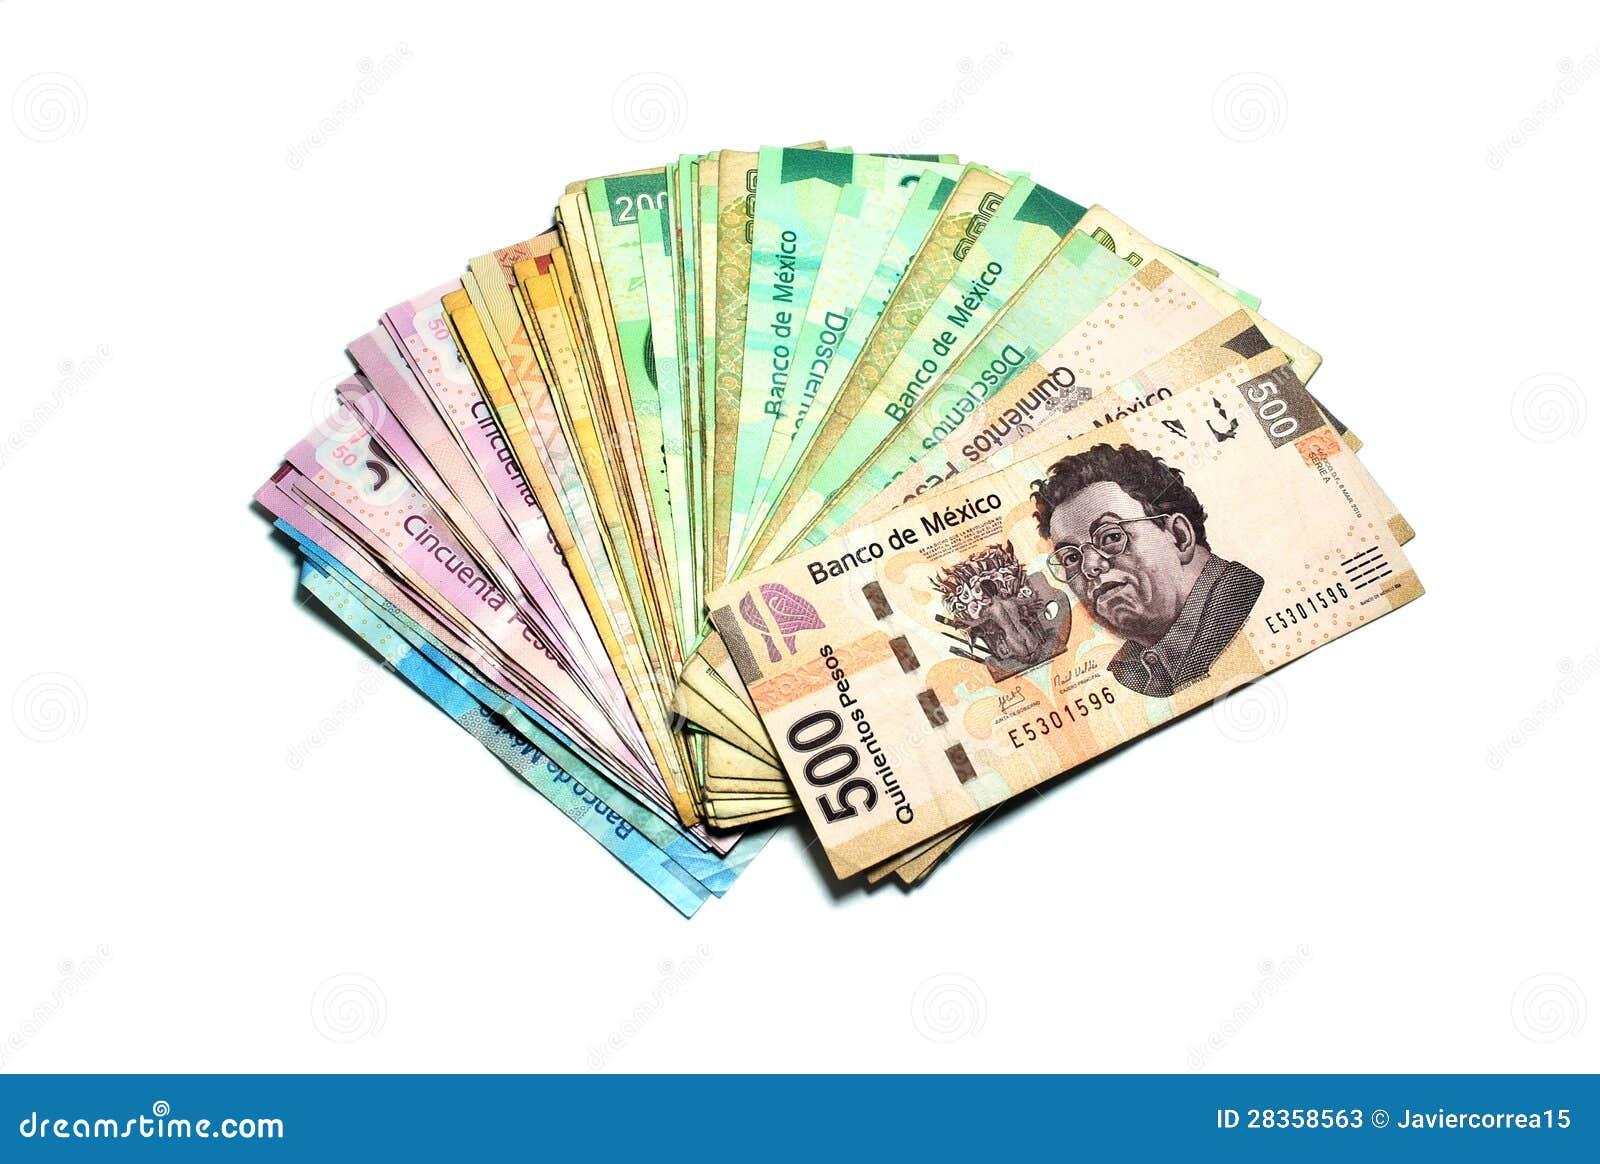 Dinero En Circulación Imagen De Archivo Imagen De Abundancia 28358563